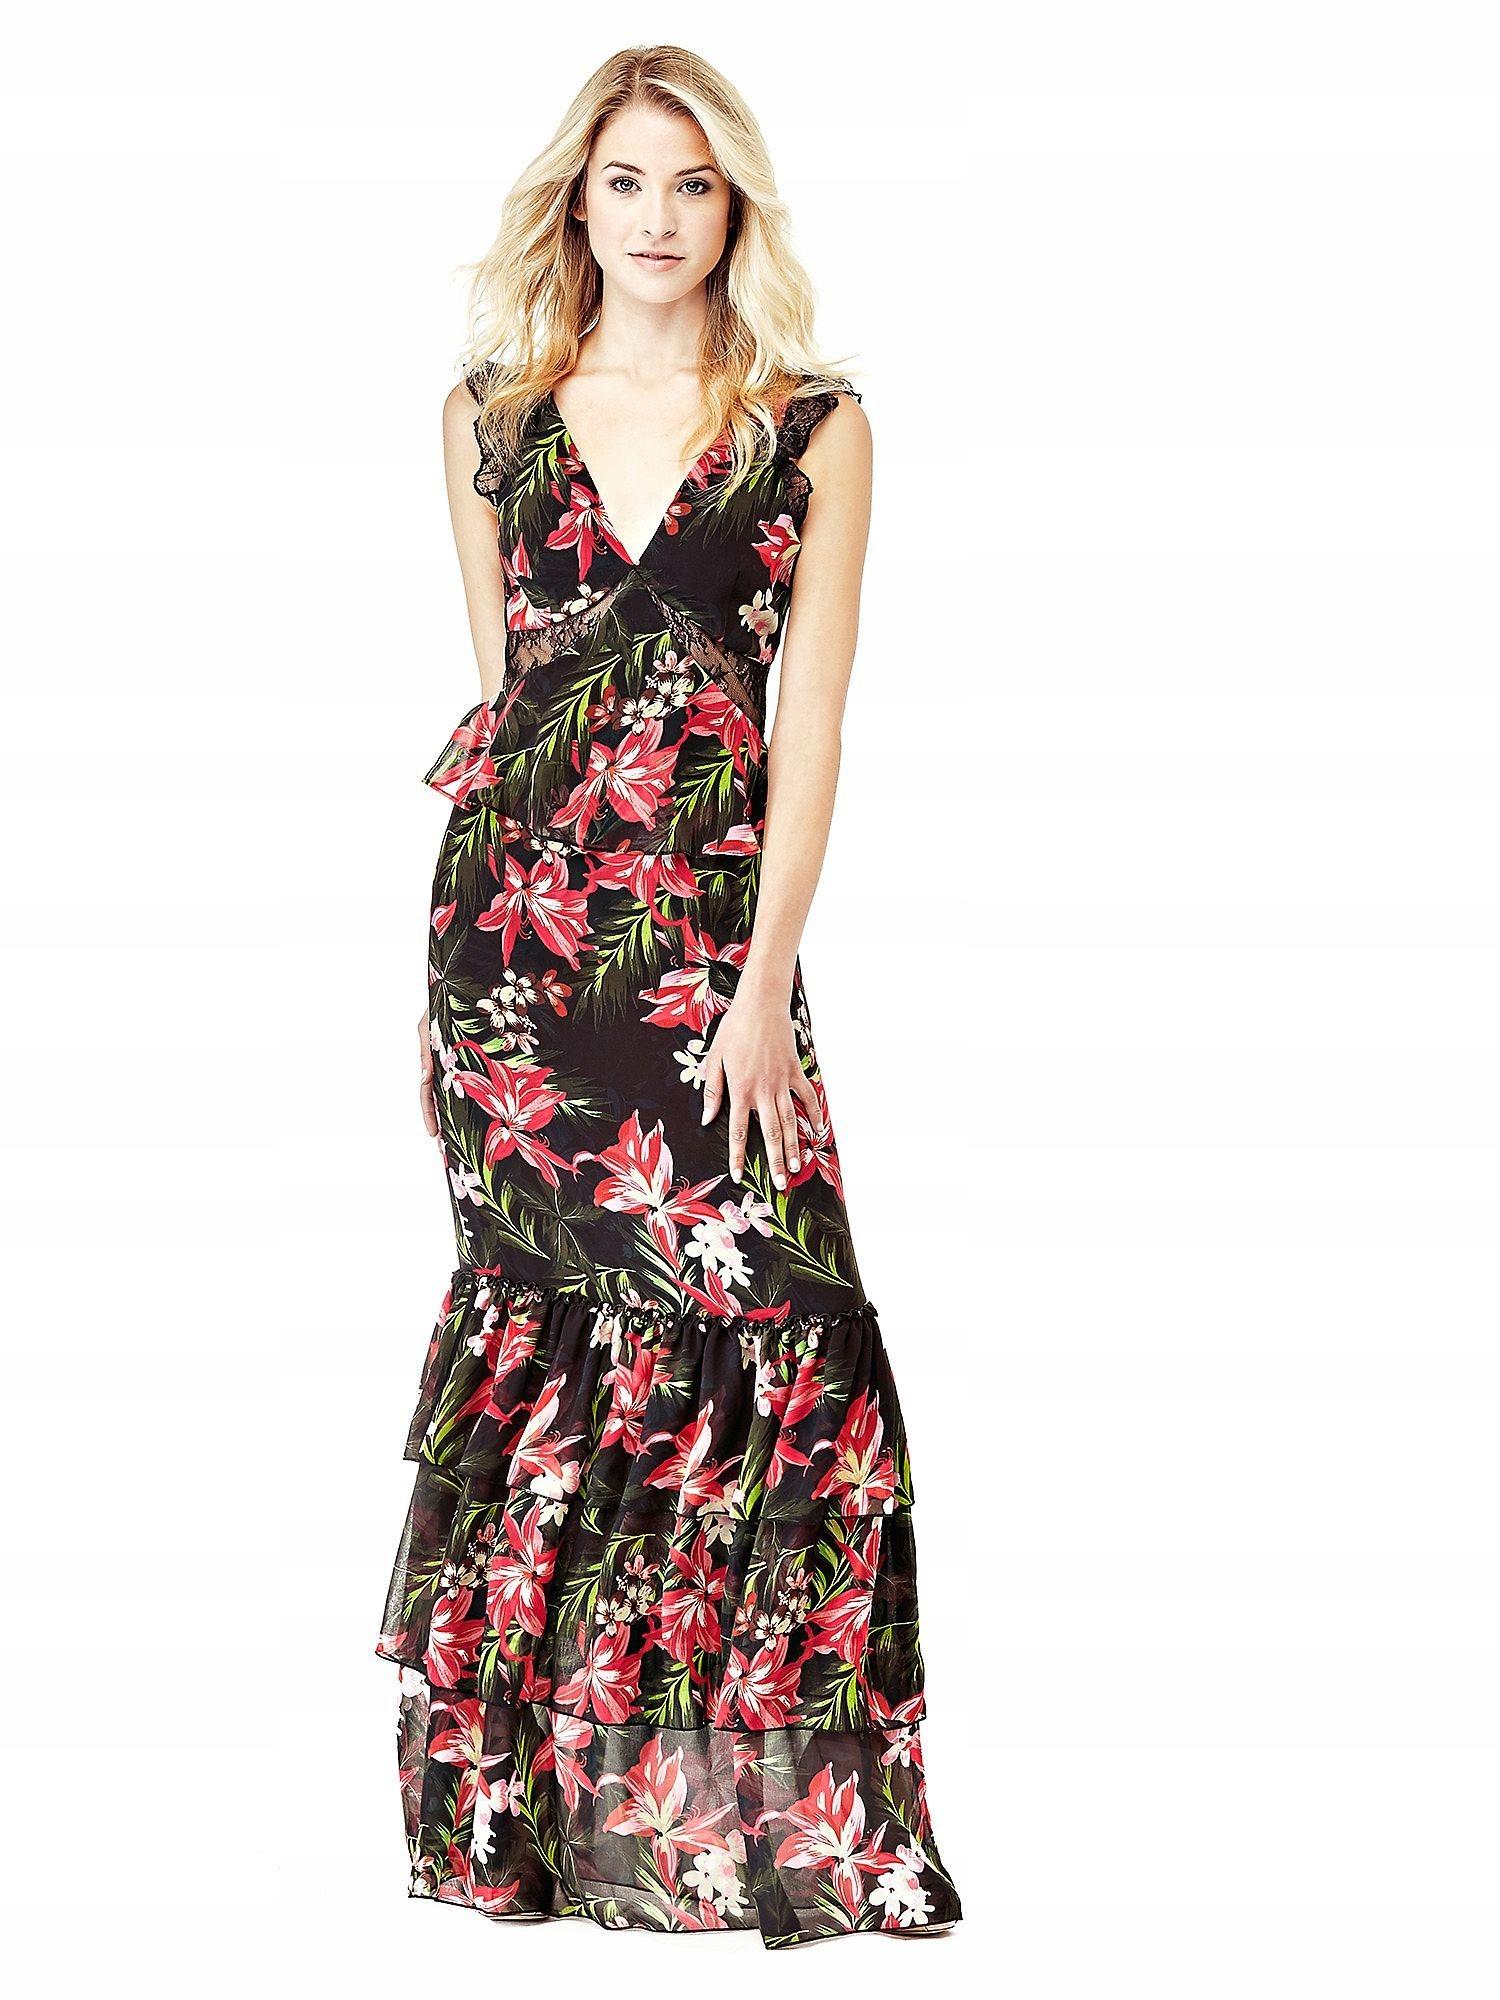 726457f2c3 GUESS Czarna szyfonowa sukienka maxi kwiaty (S) - 7650347598 ...